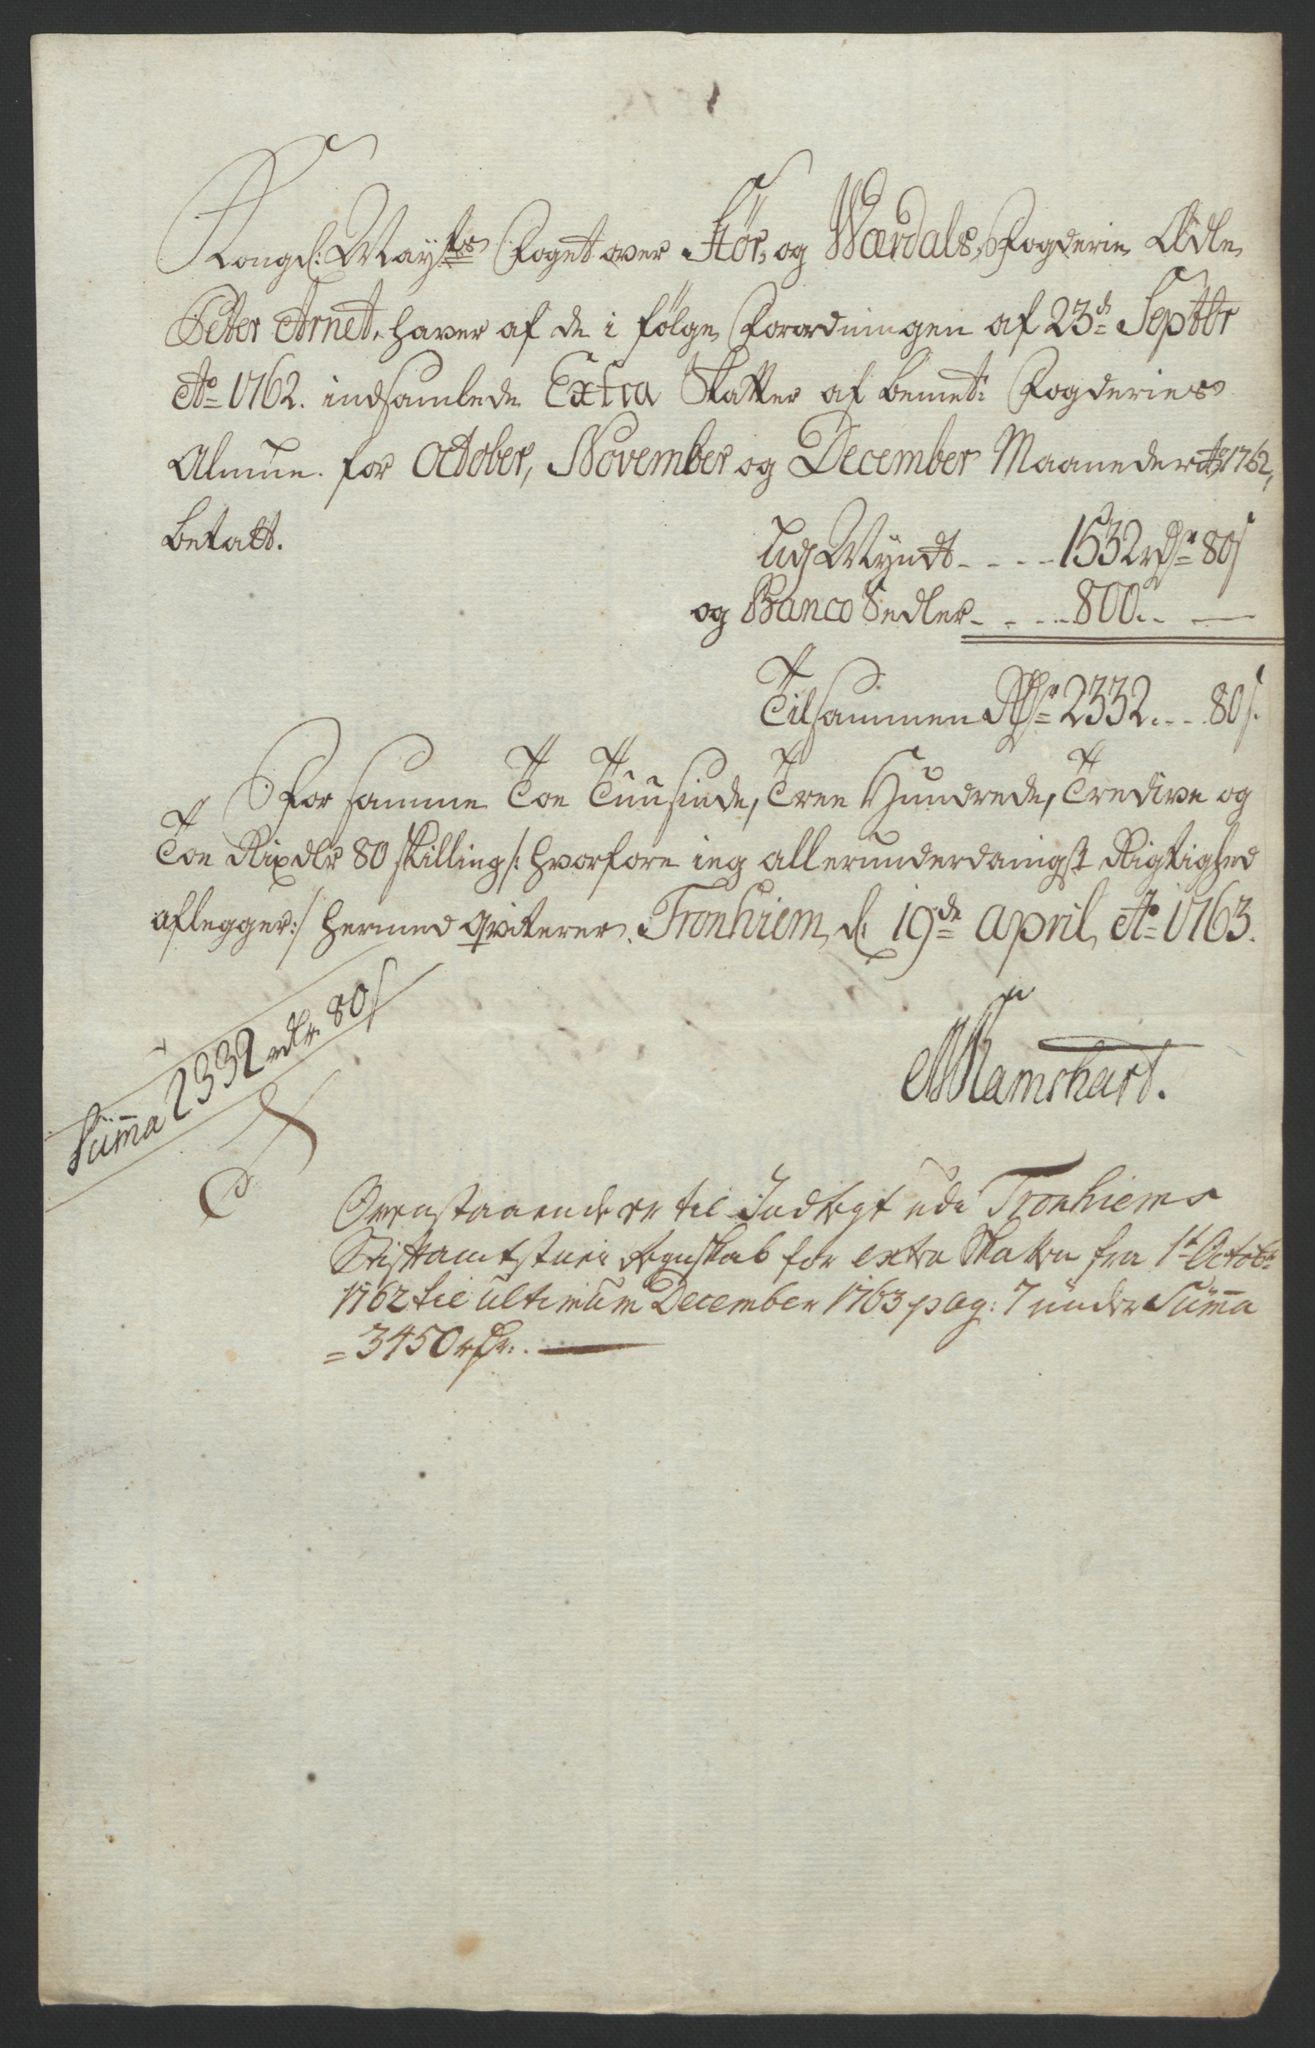 RA, Rentekammeret inntil 1814, Reviderte regnskaper, Fogderegnskap, R62/L4303: Ekstraskatten Stjørdal og Verdal, 1762-1763, s. 45